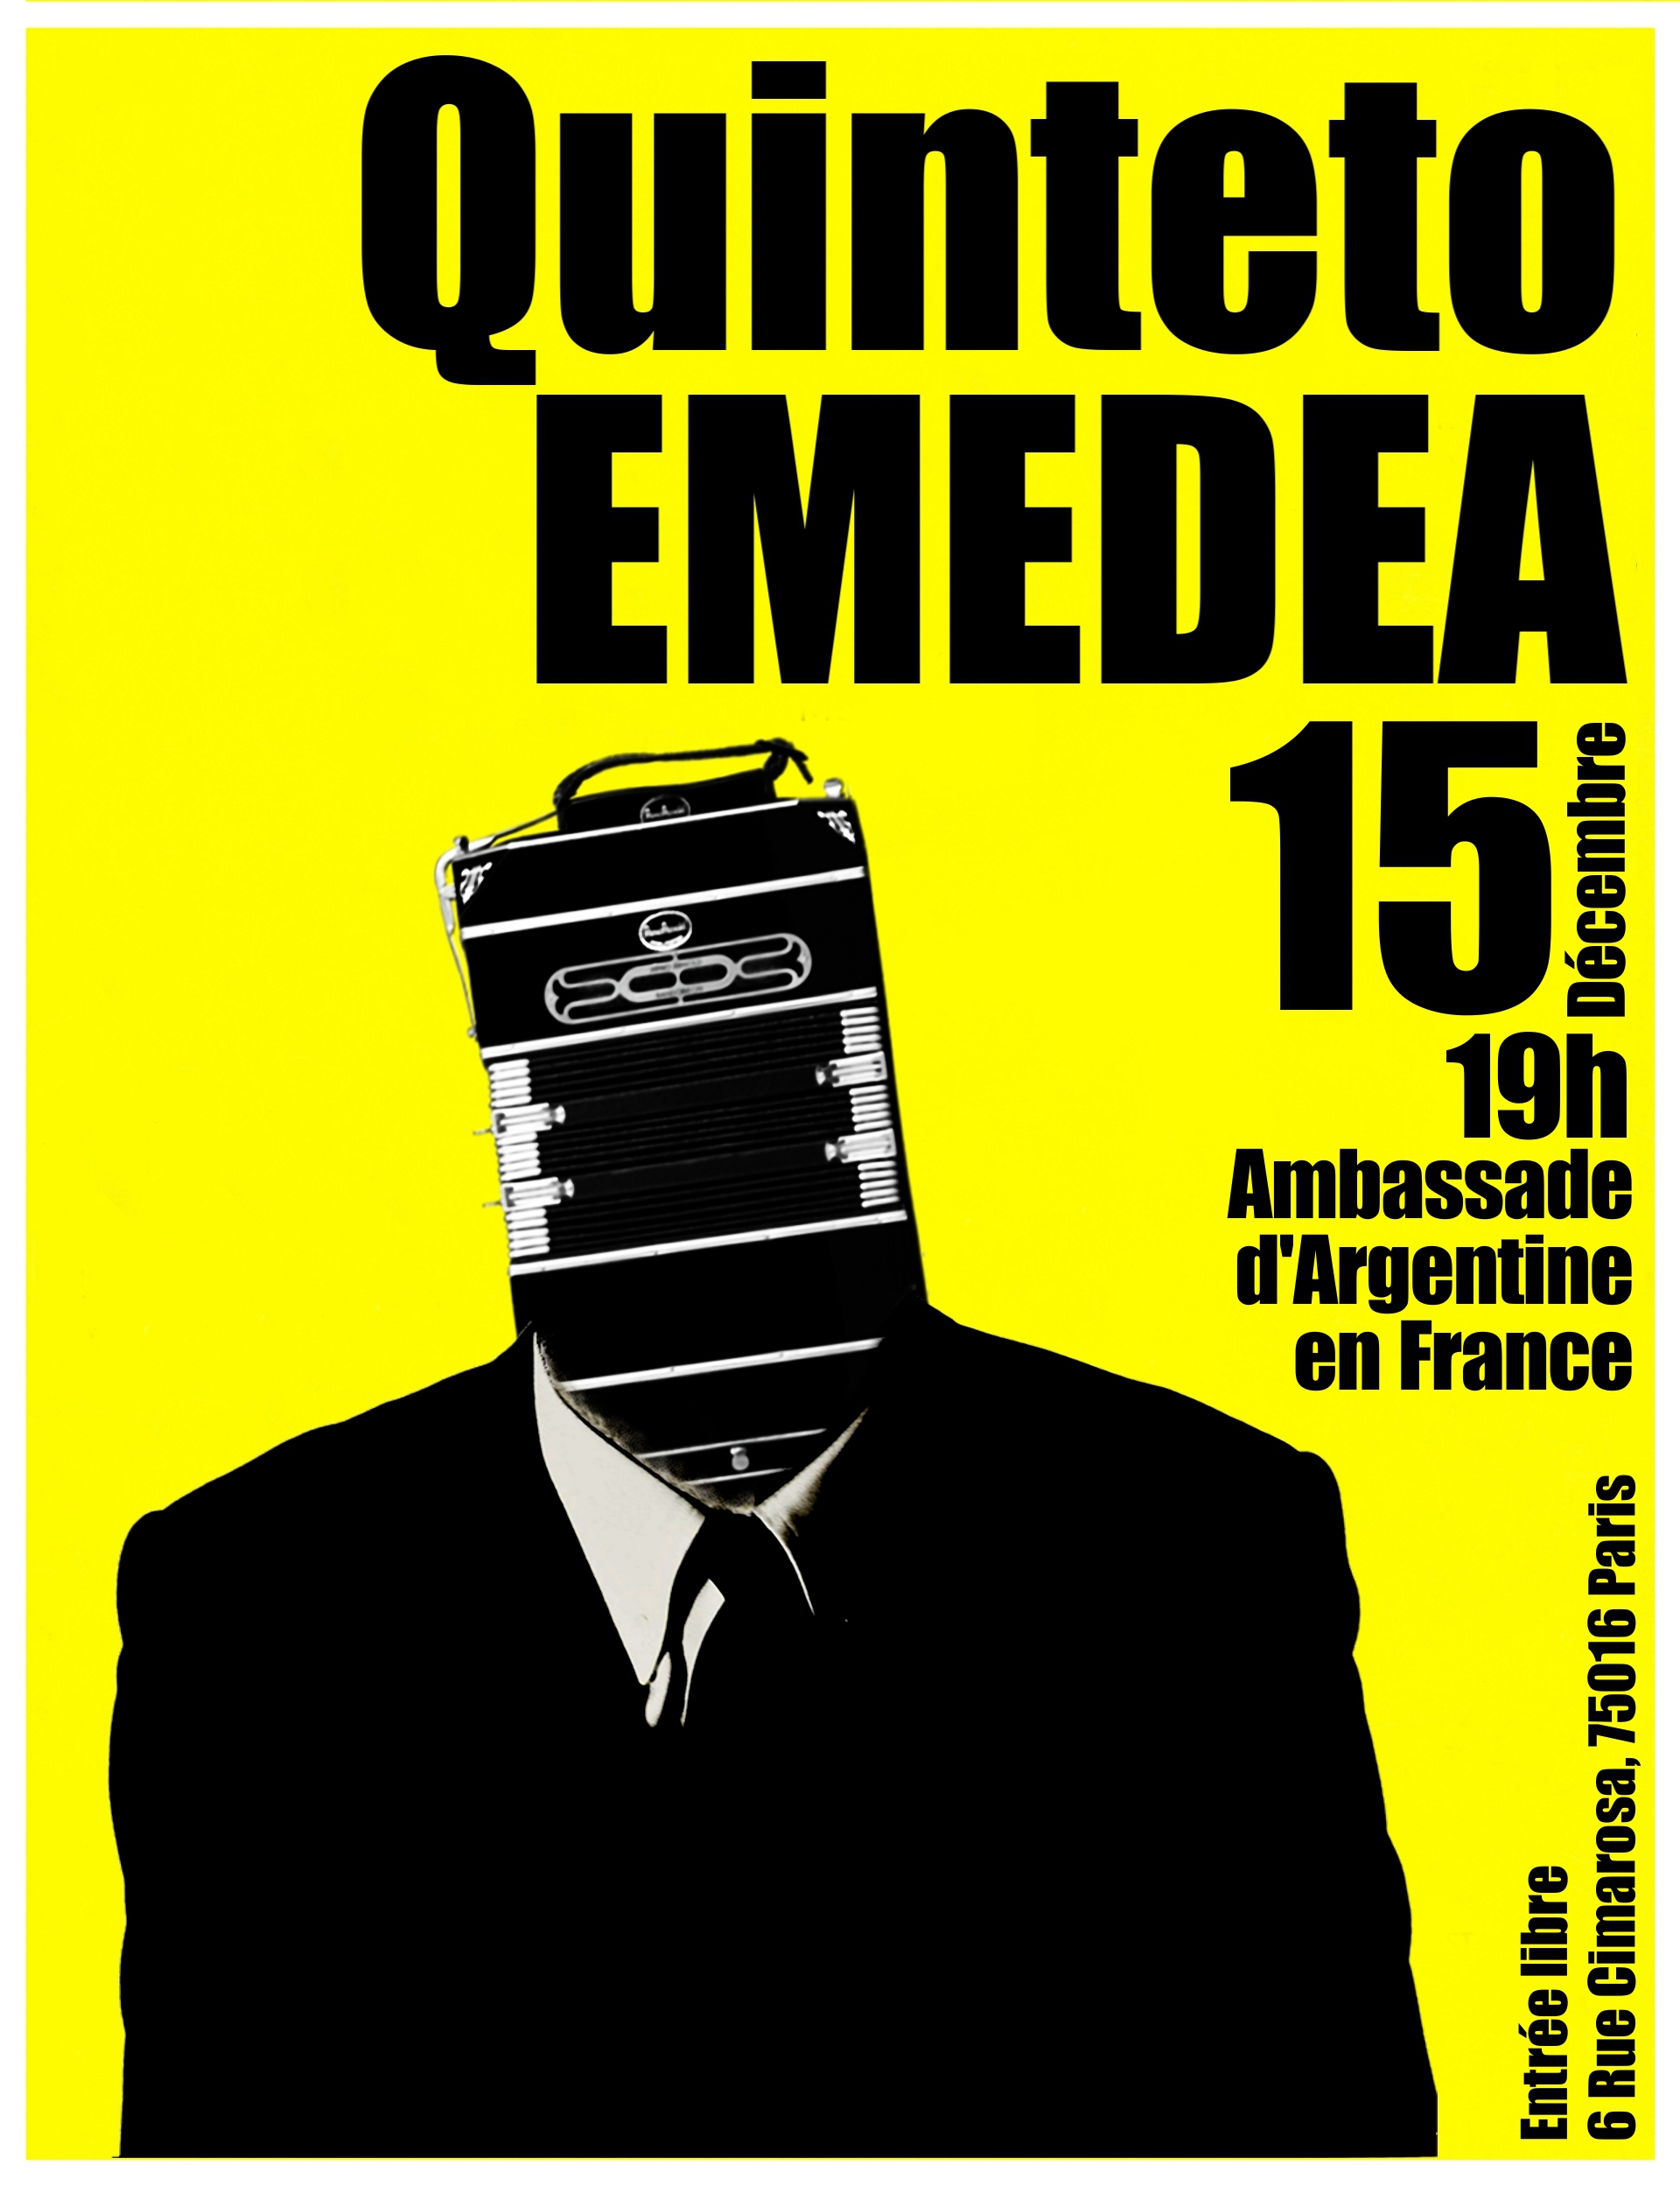 Quinteto_Emedéa_15_Décembre